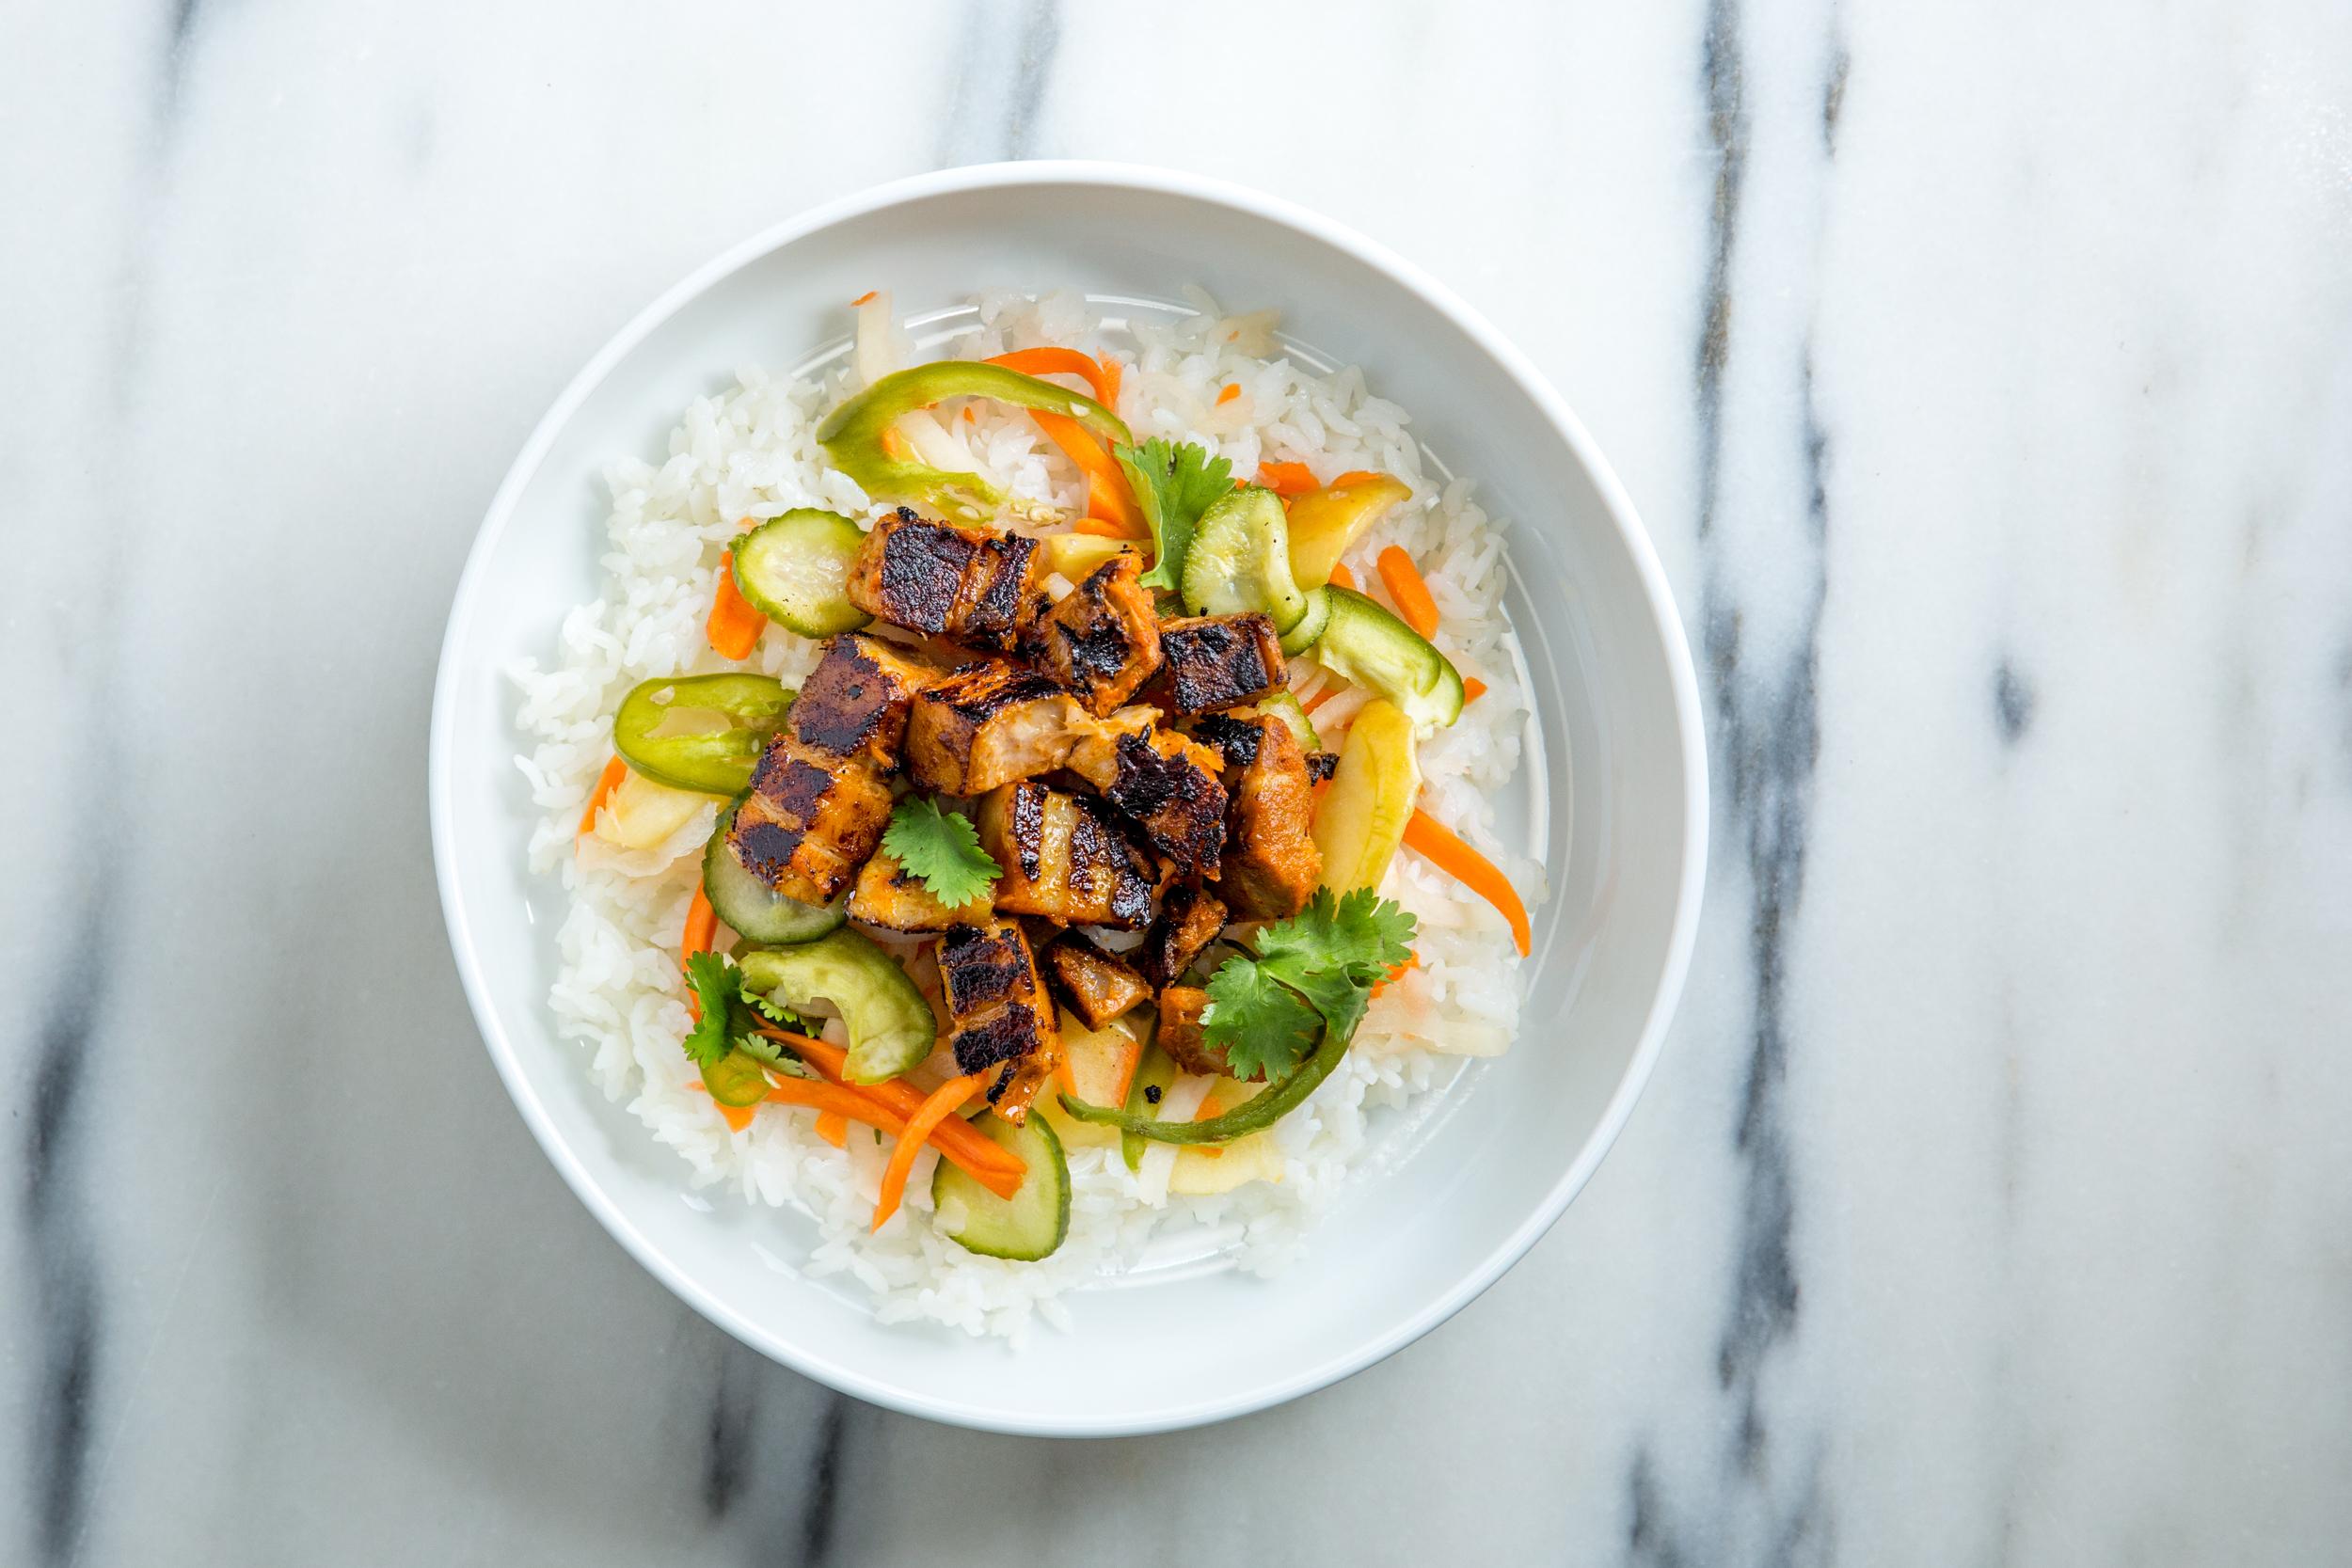 Pork Bánh Mì Bowl - Pork Belly + Pickles + Cilantro + Koji + Rice - $9.95